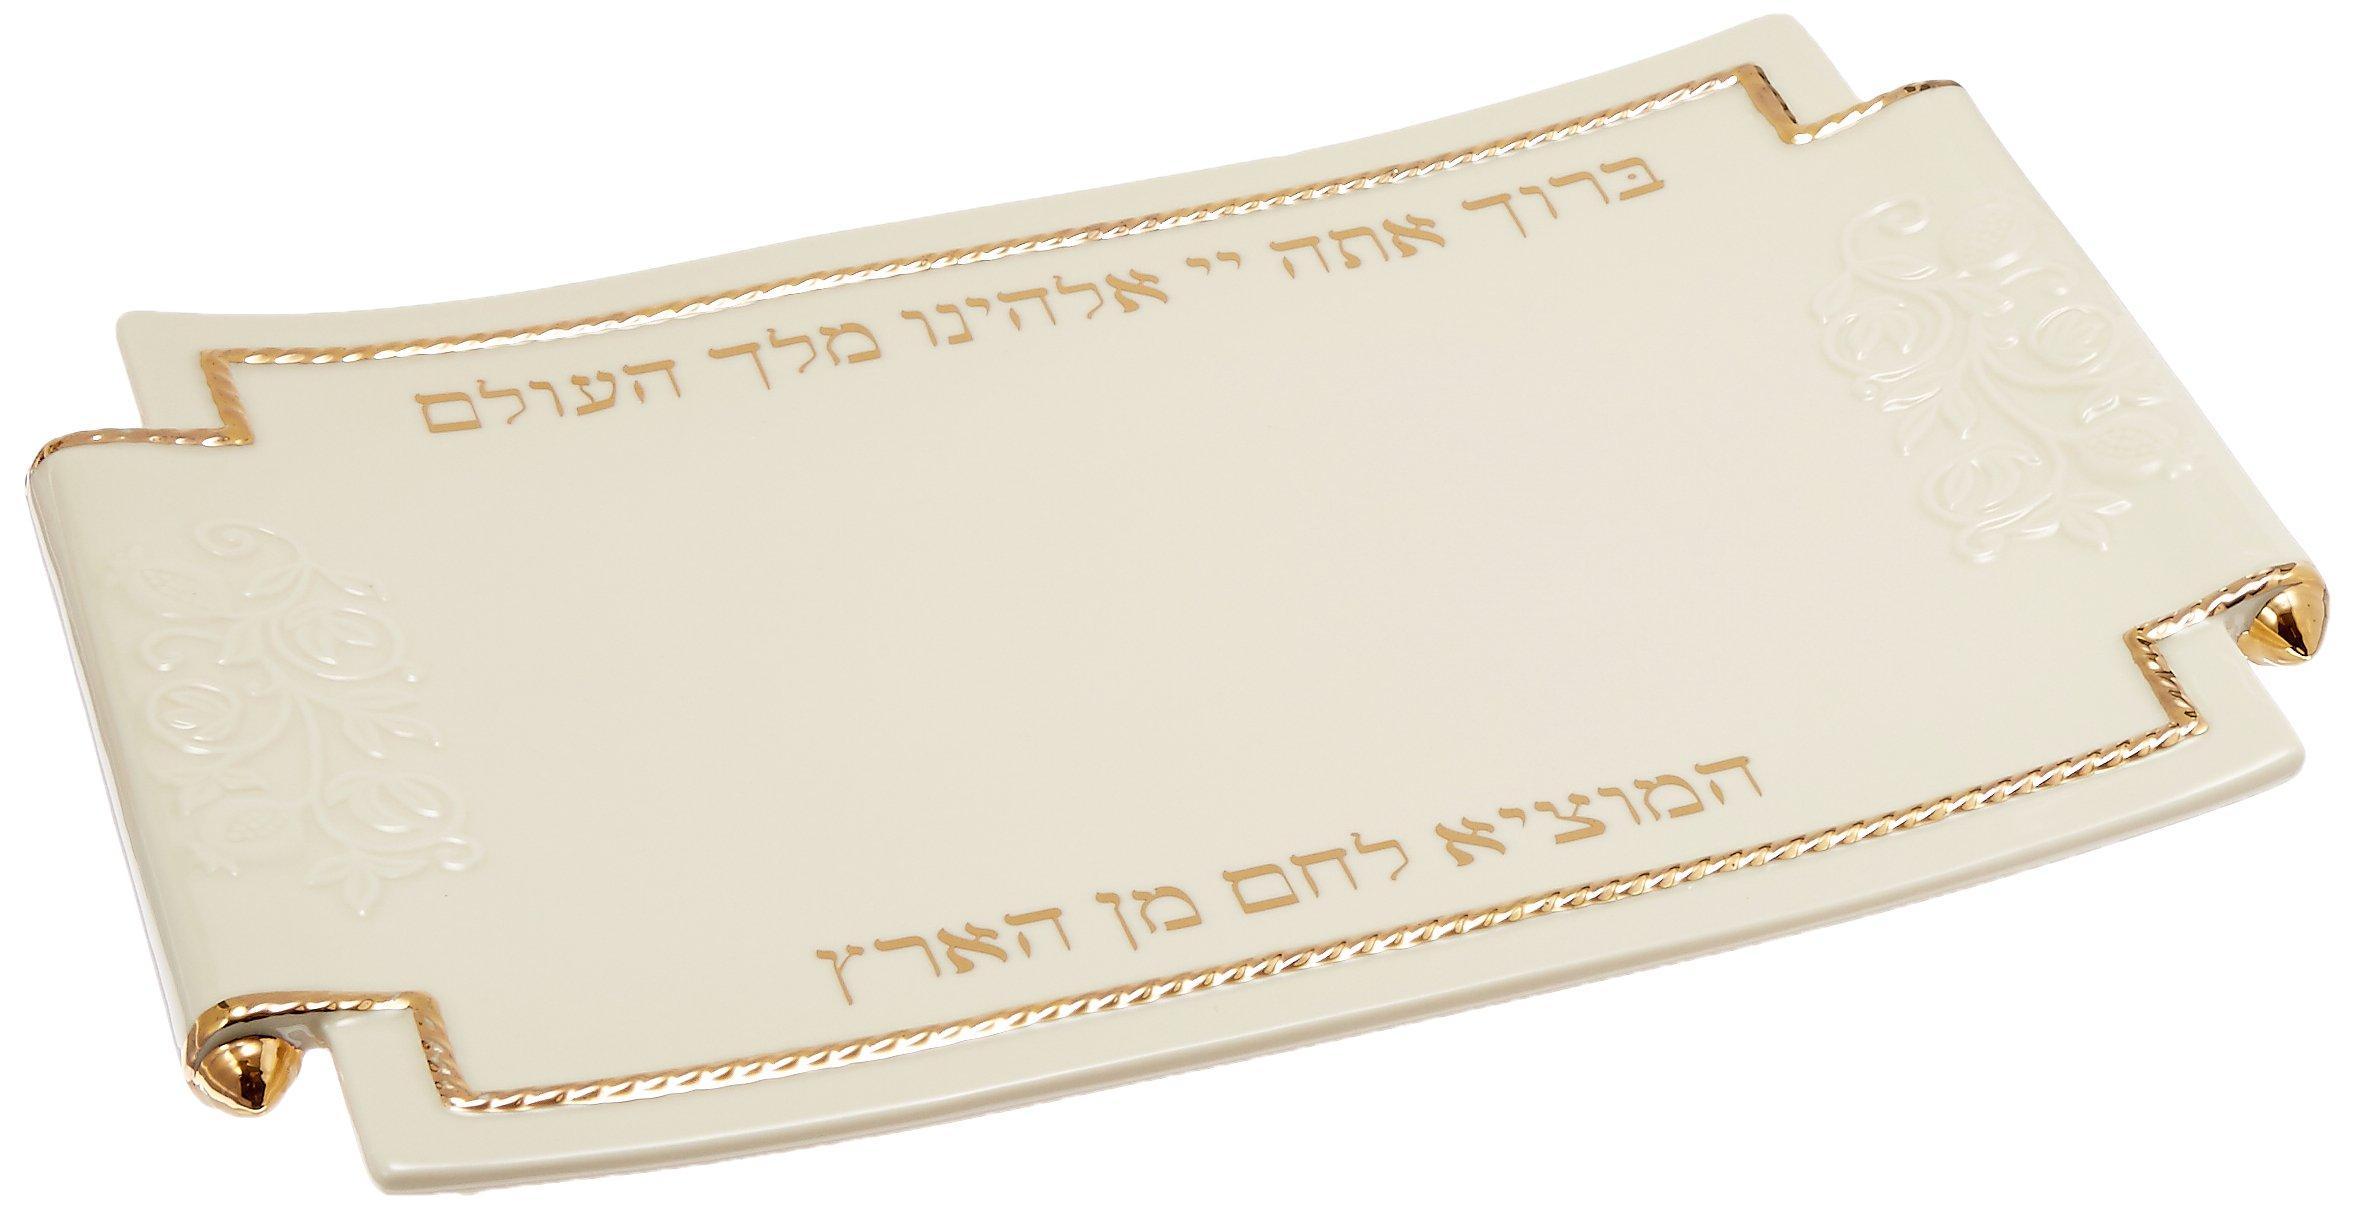 Lenox Judaic Blessings Challah Tray, White